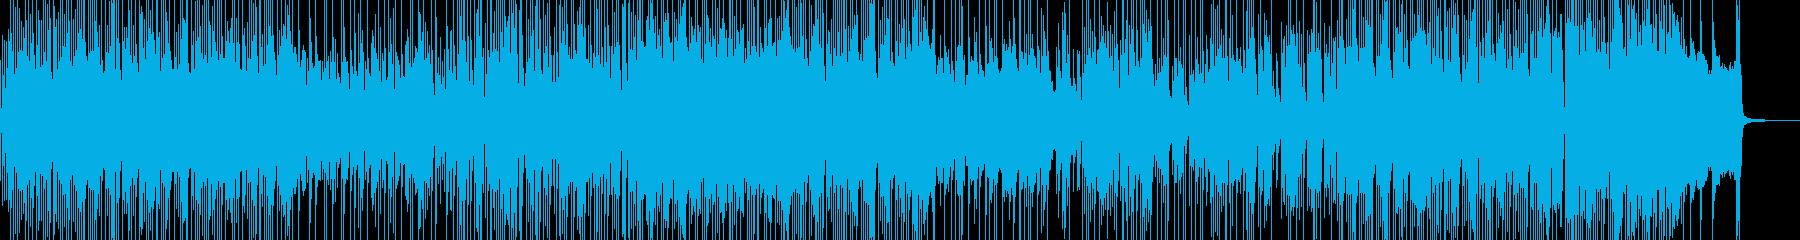 三味線・軽快&天晴れなジャズポップの再生済みの波形